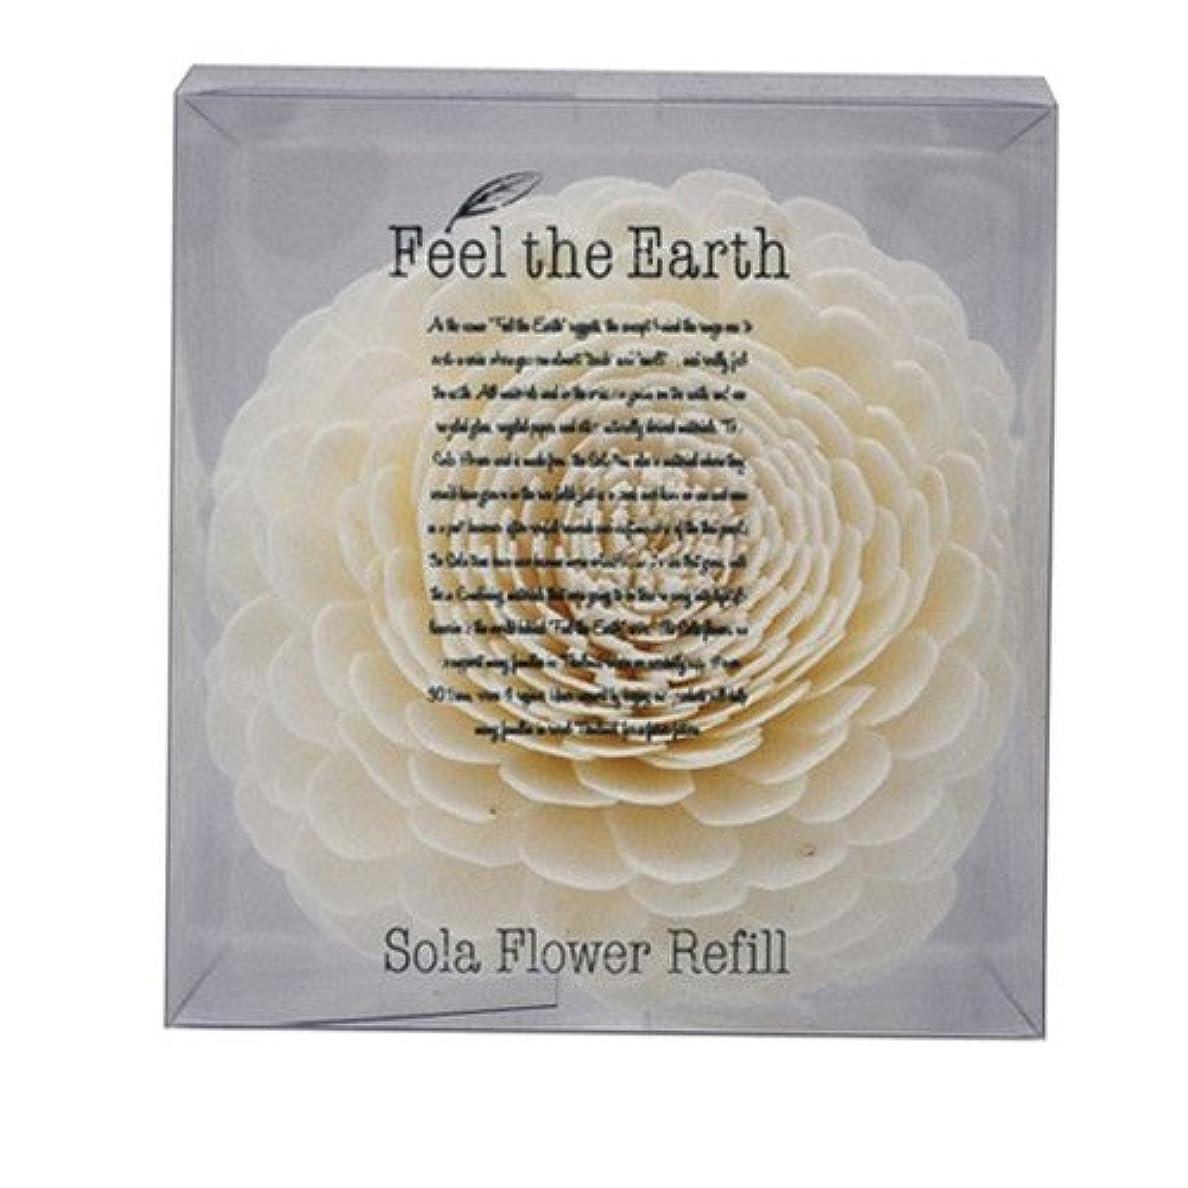 どんよりしたスリップピアースFEEL THE EARTH ソラフラワー リフィル ダリア DAHLIA フィール ジ アース